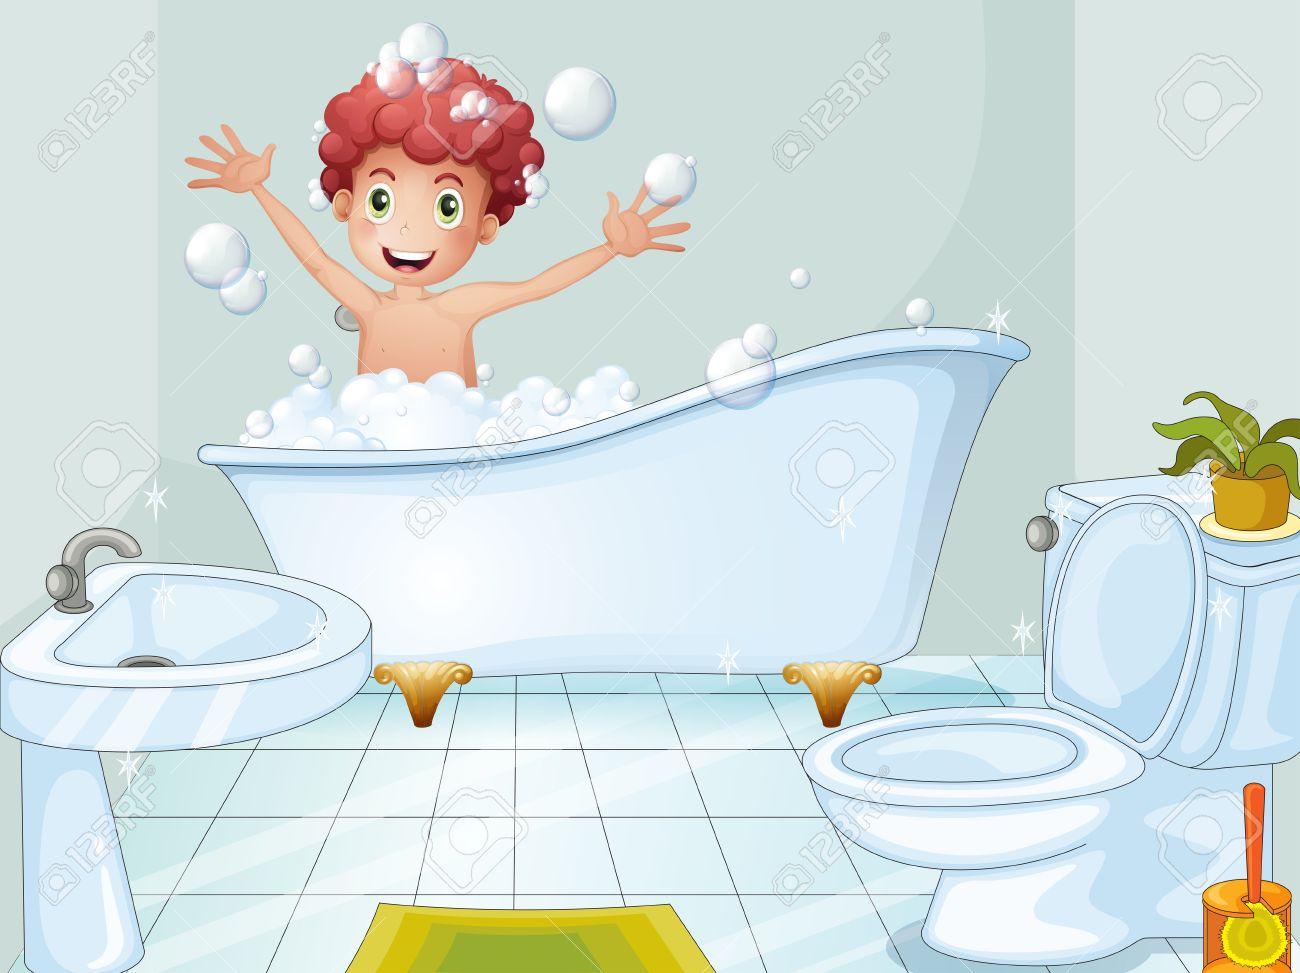 archivio fotografico illustrazione di un ragazzo carino fare un bagno